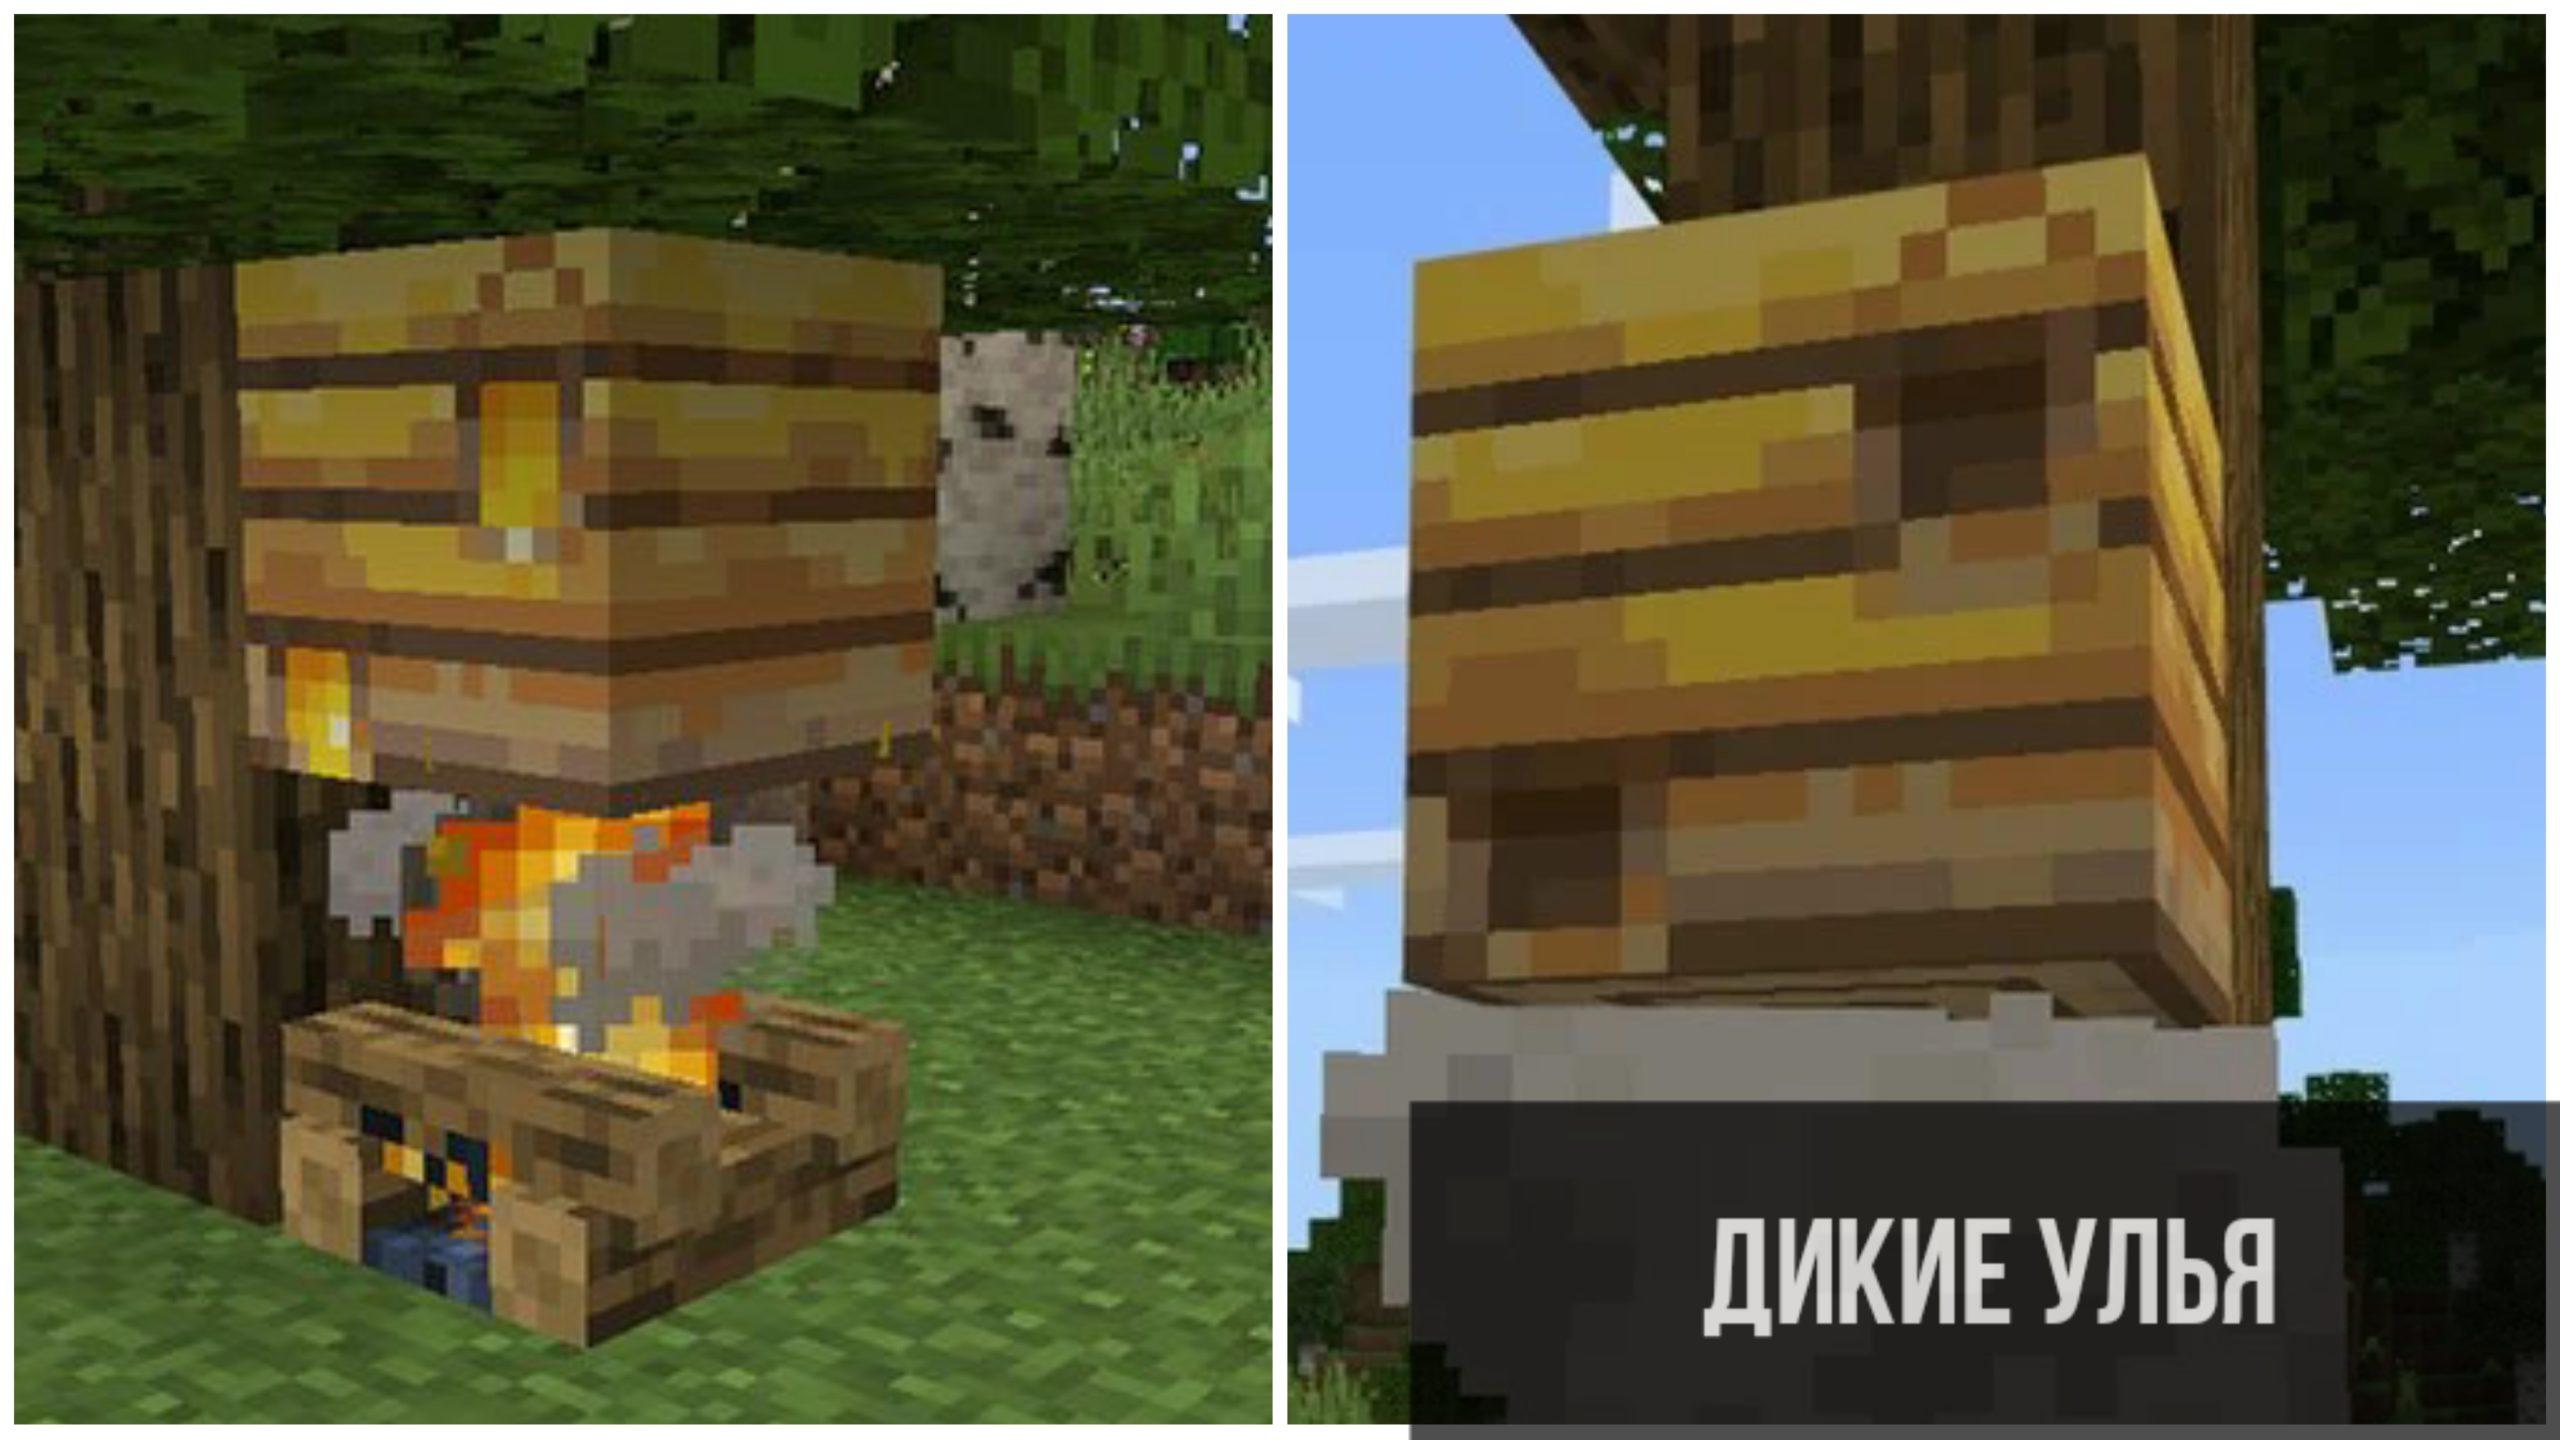 Дикие улья в Minecraft PE 1.14.0.1